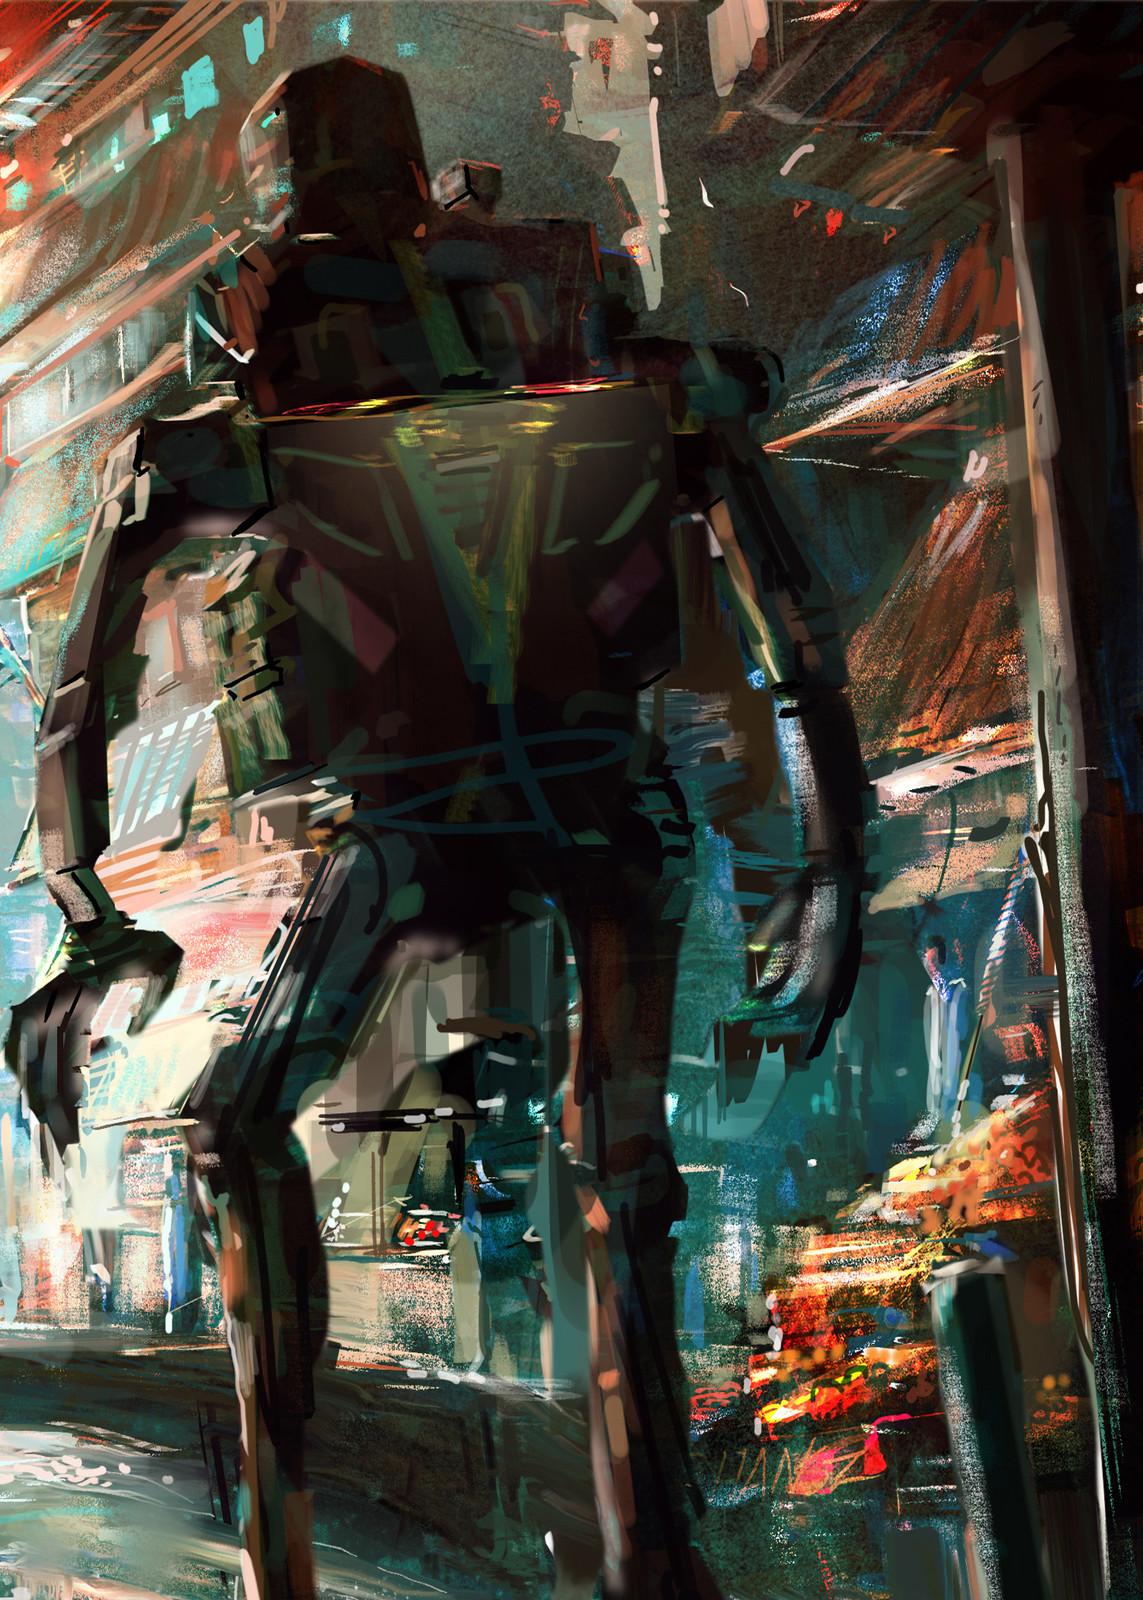 shot of Robo dude thing.